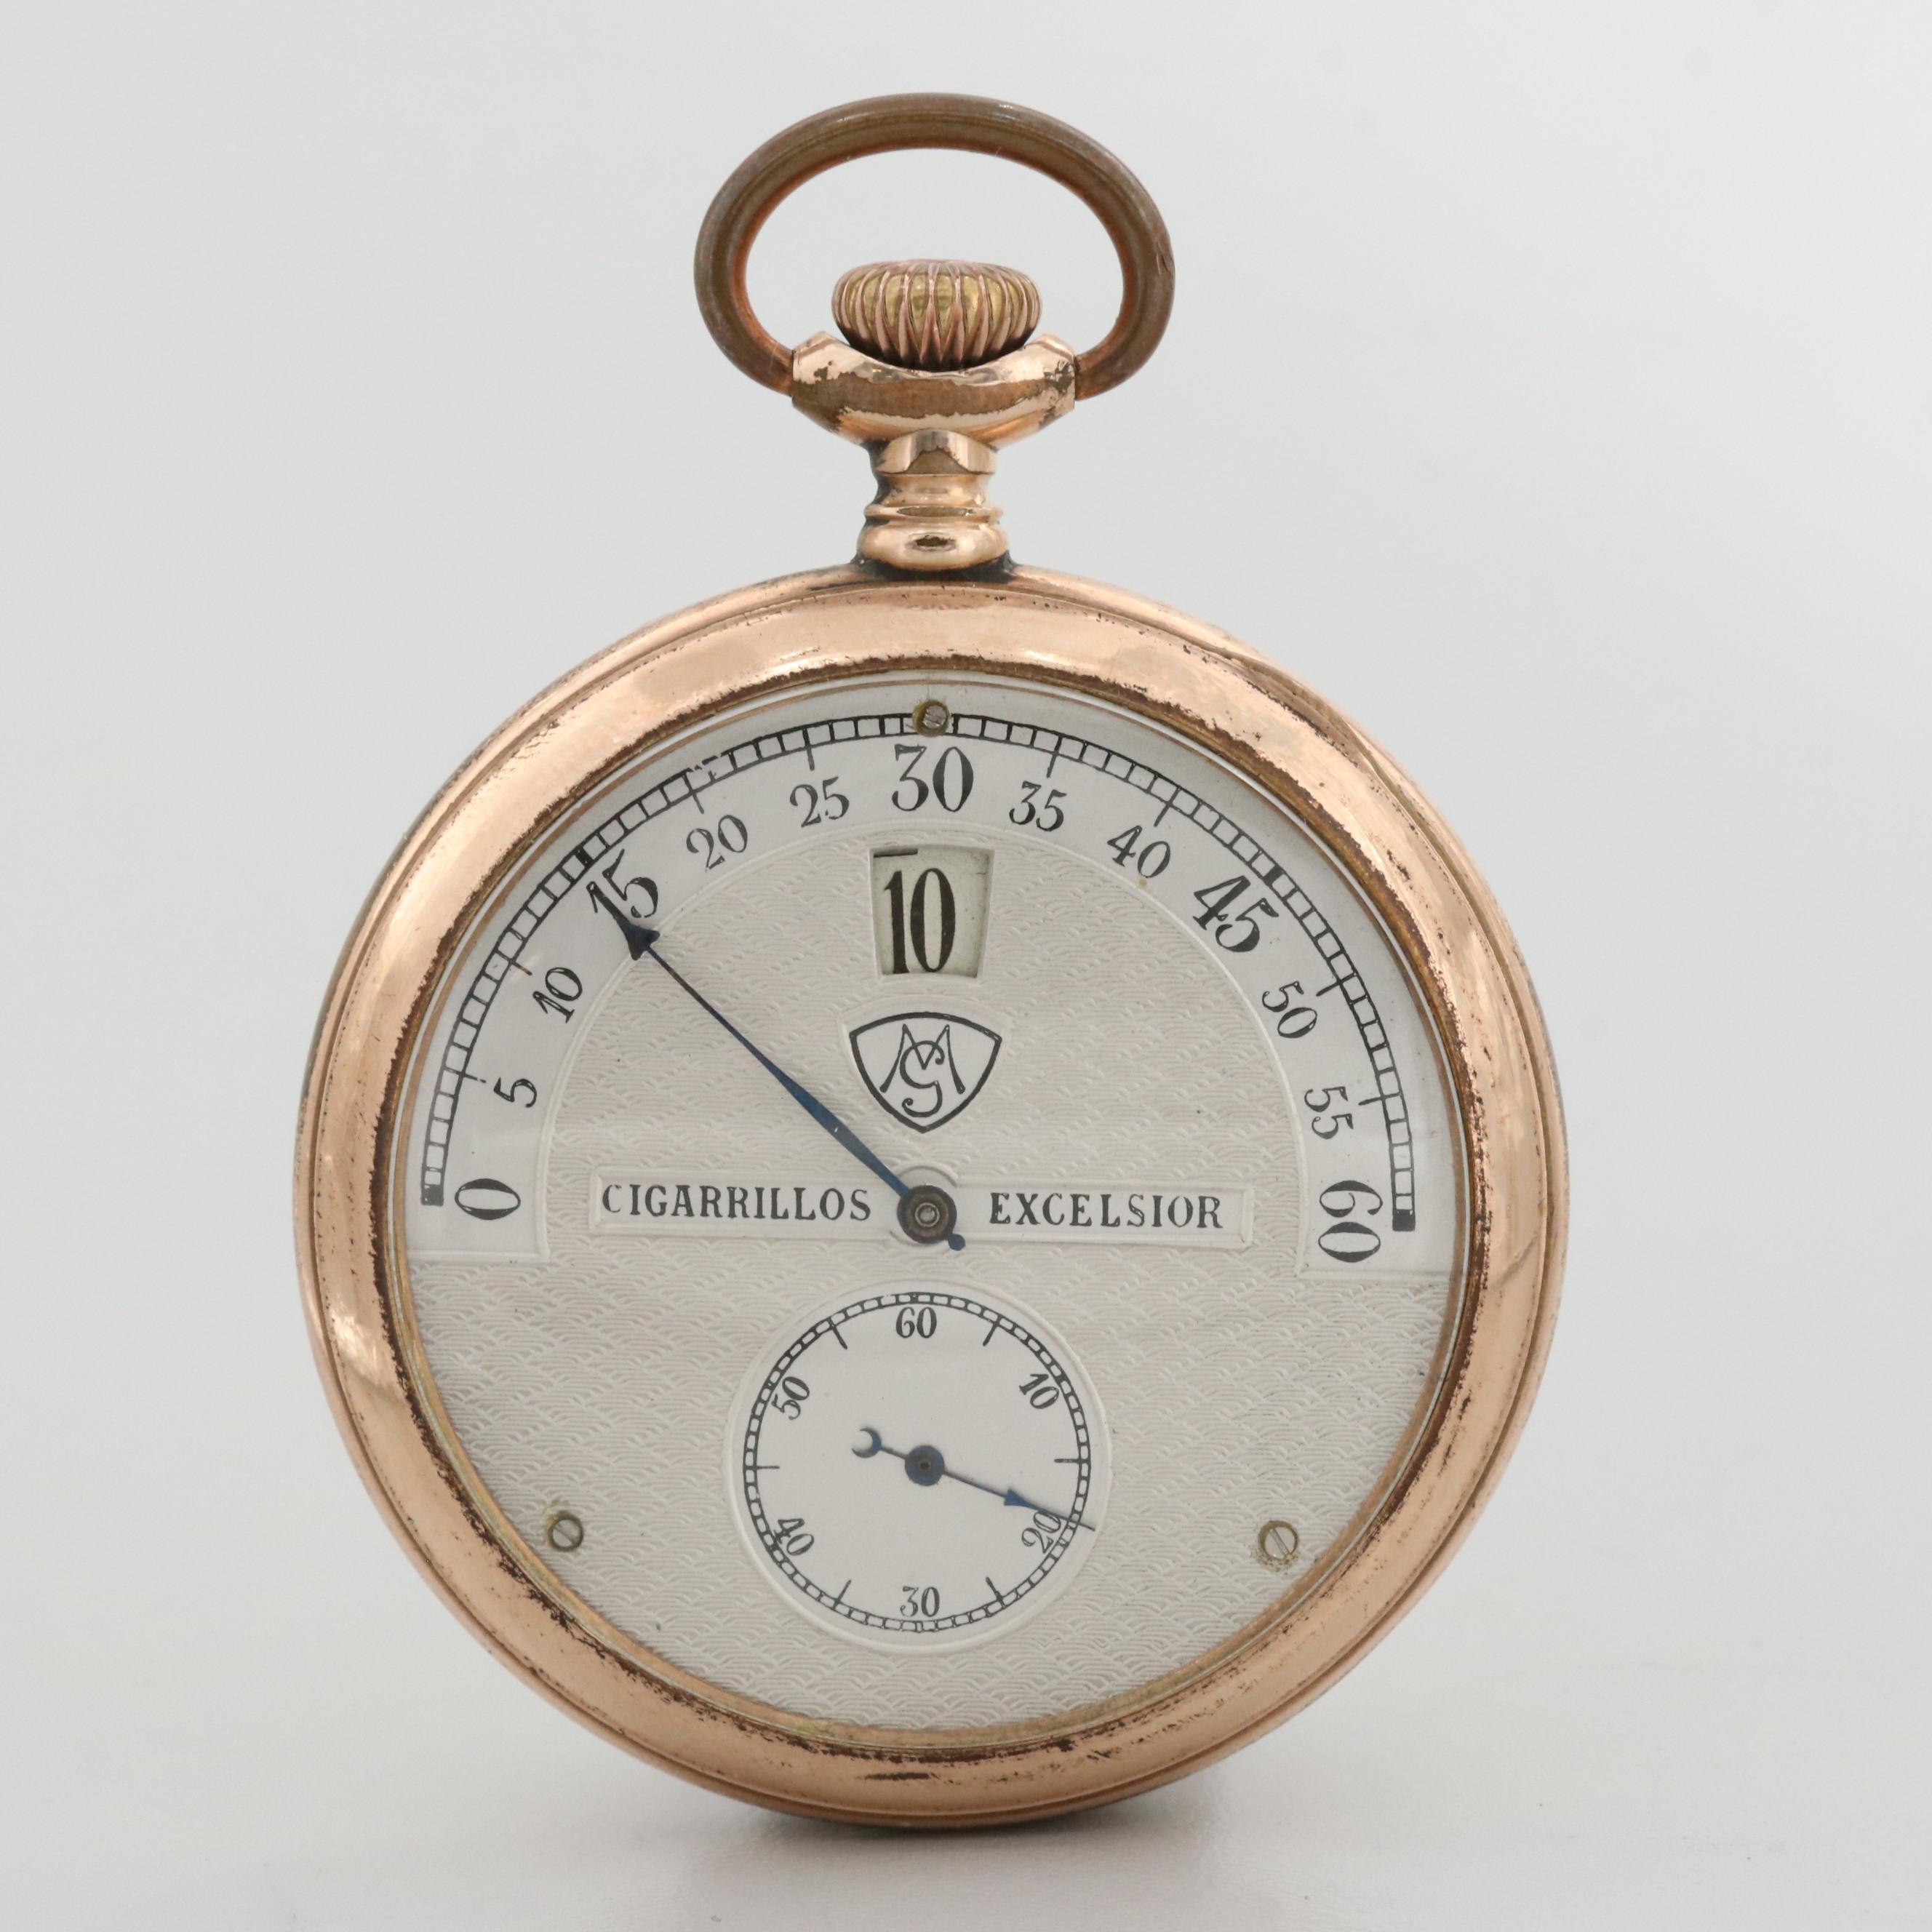 Vintage Modernista For Cigarrillos Excelsior Gold Filled Jump Hour Pocket Watch